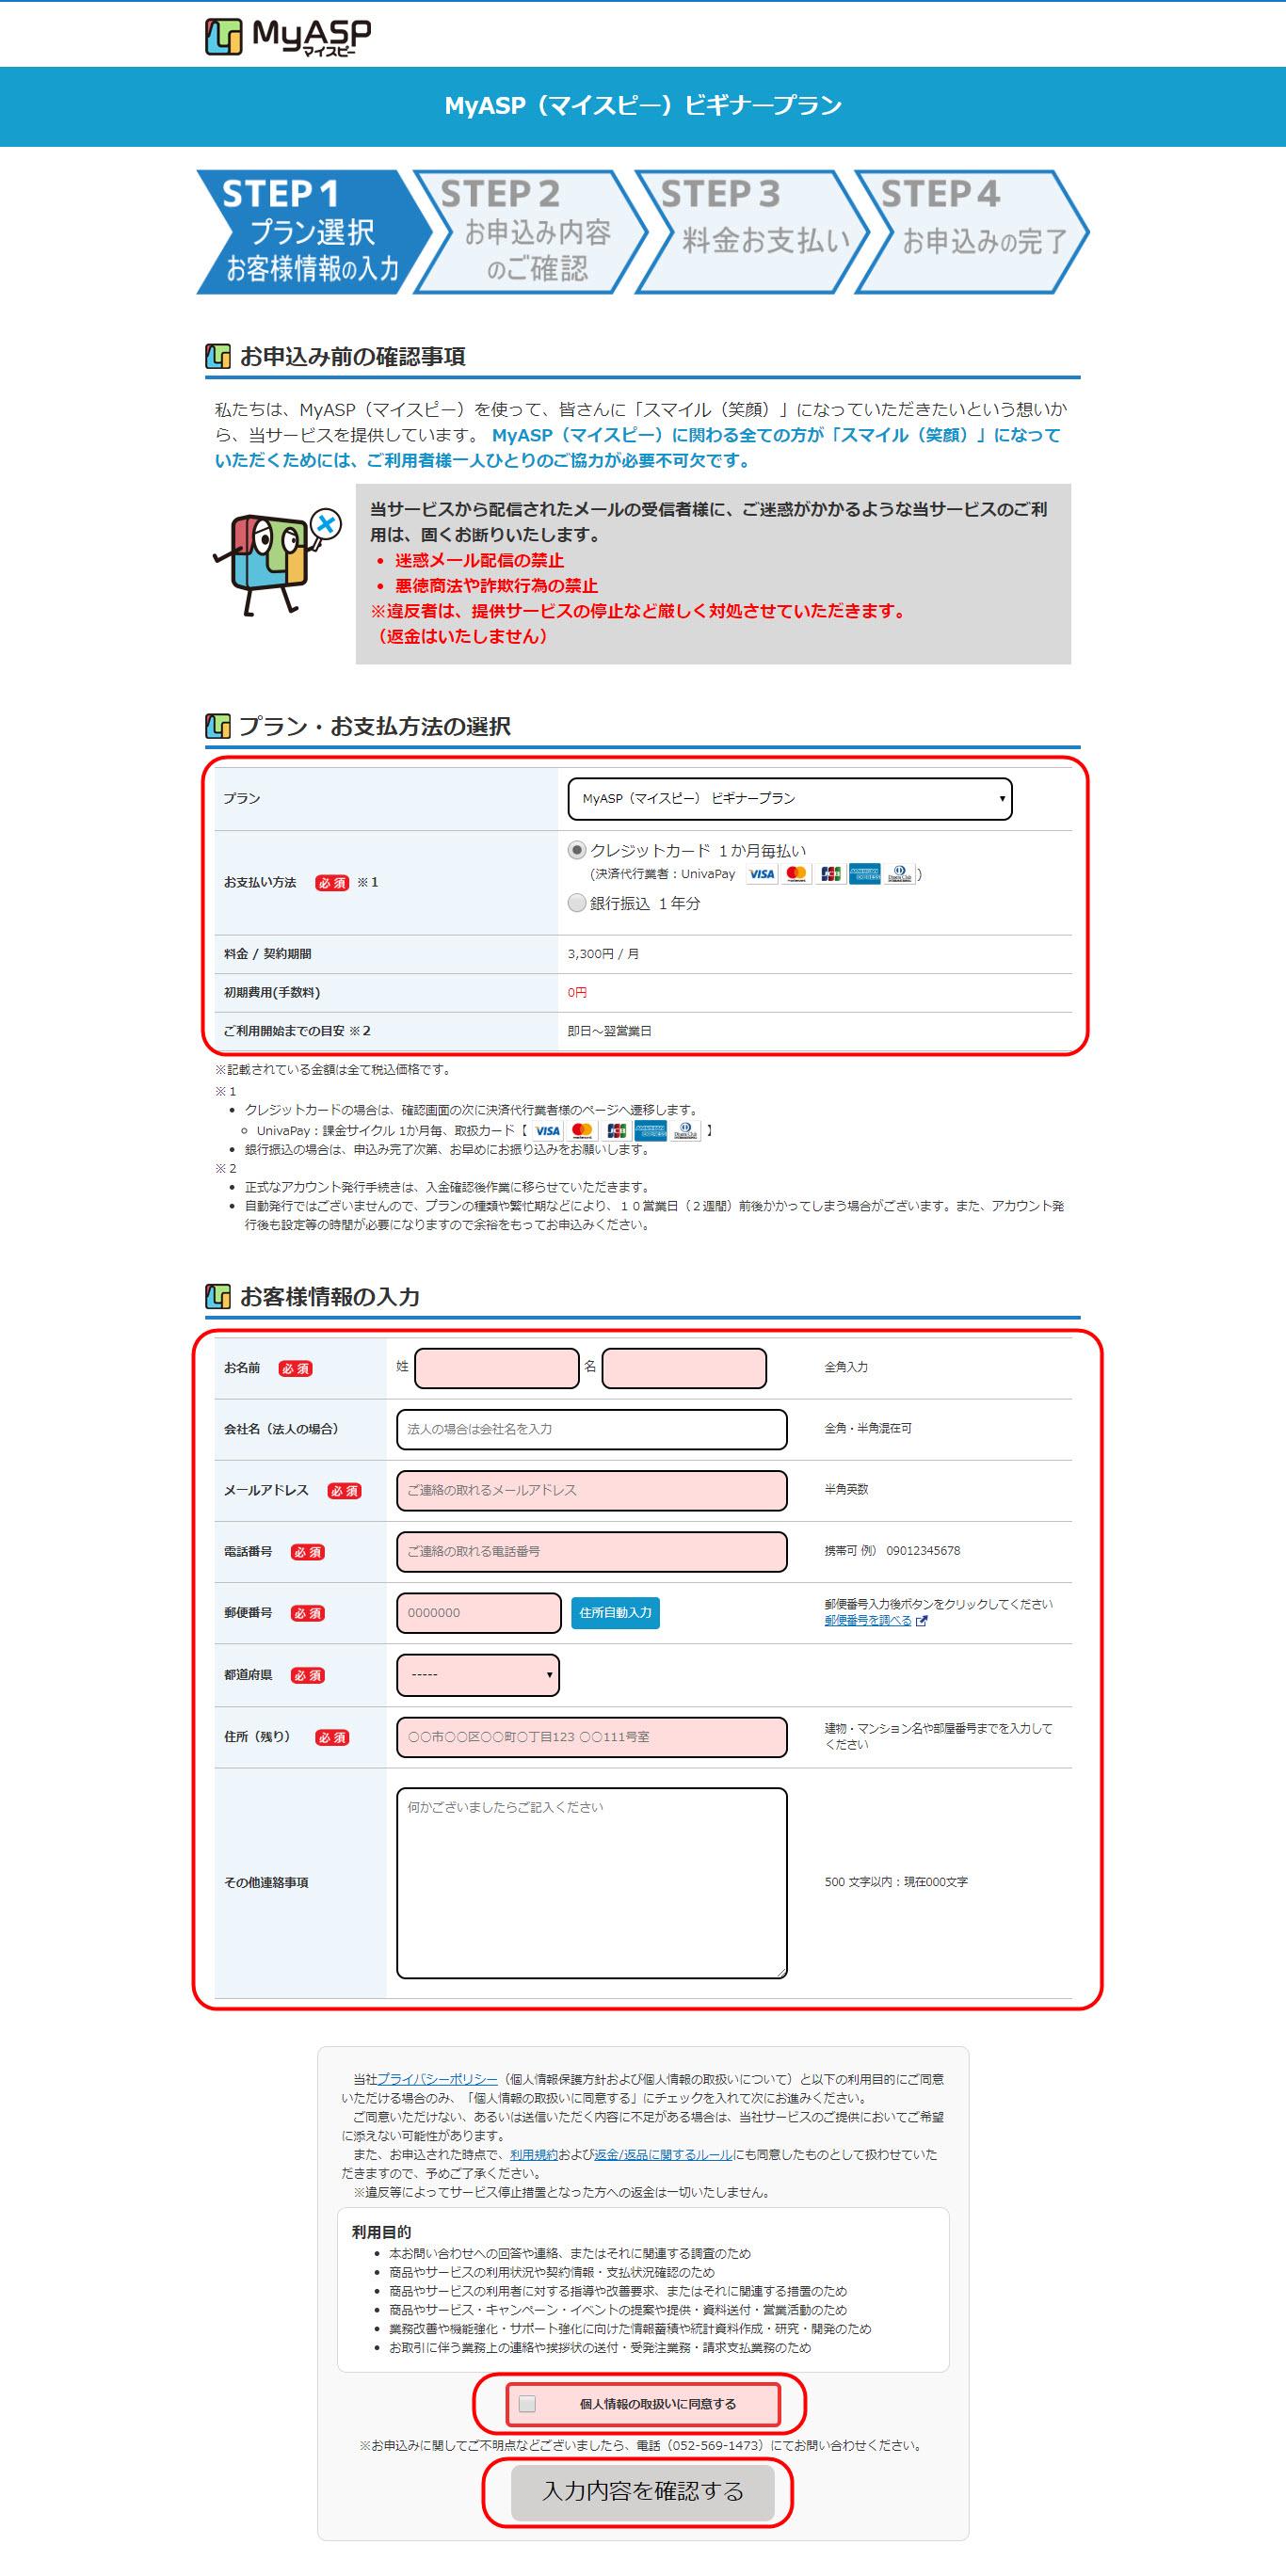 マイスピー 使い方 メルマガ 配信スタンド MyASP メールマガジンの作り方 登録方法 始め方 配信停止 メールマガジン